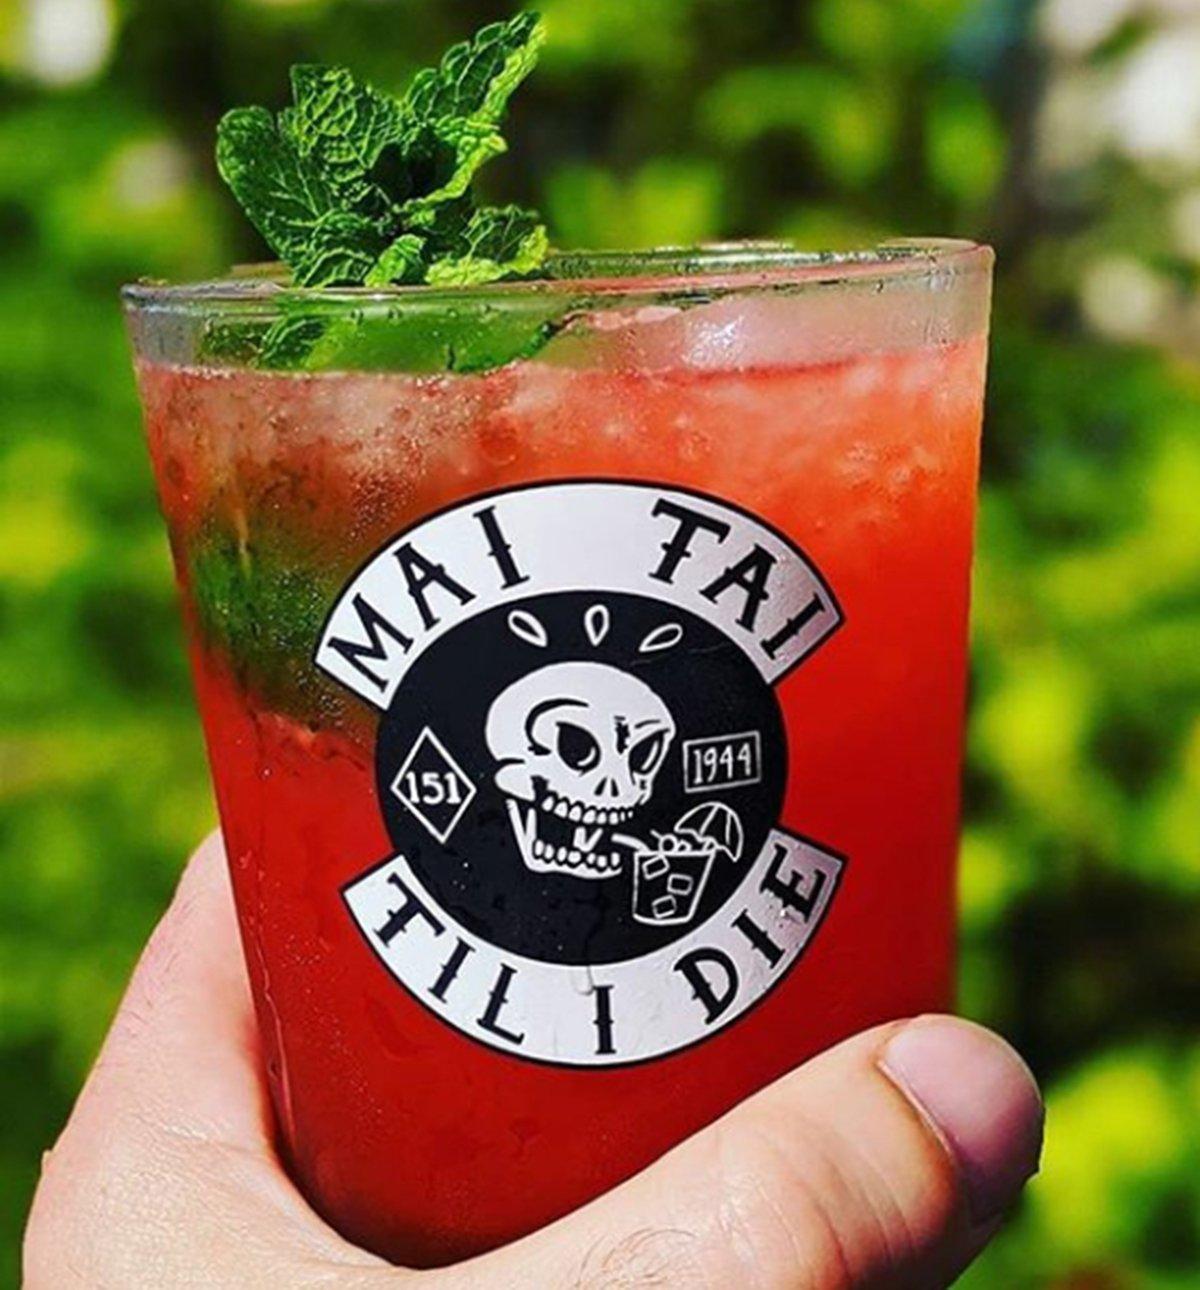 MAI TAI TIL I DIE 15 oz Cocktail Glass